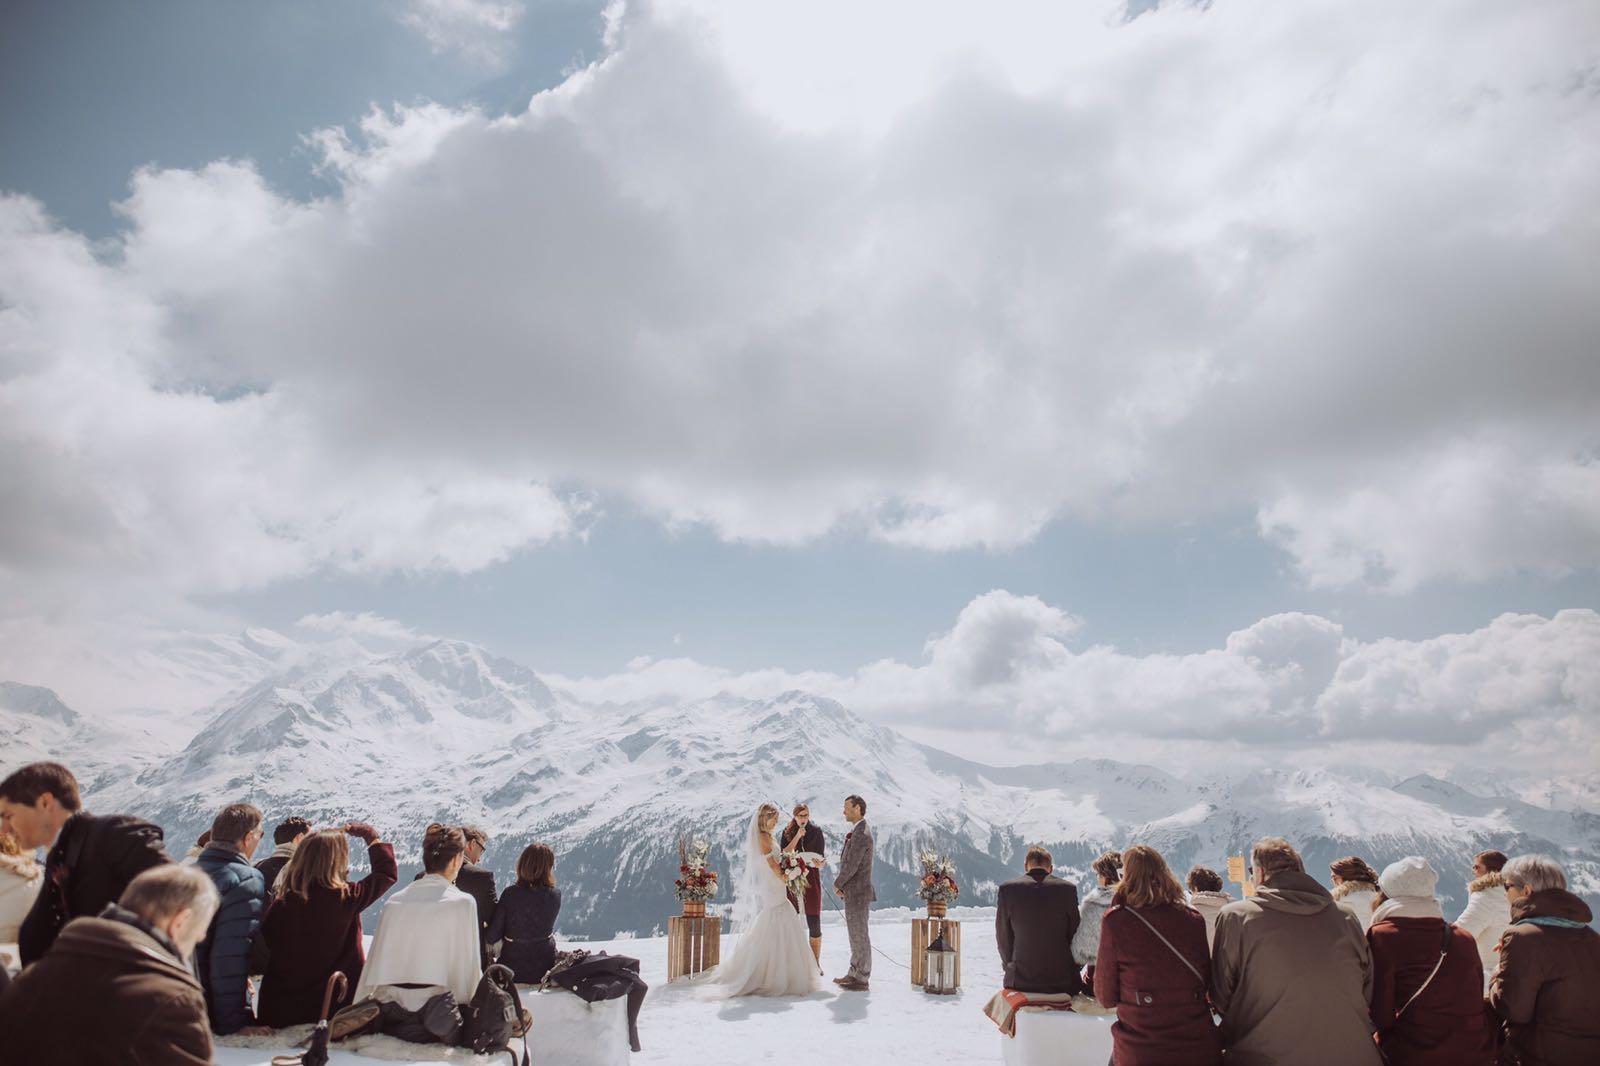 Mariage alpes suisse, mariage hiver, cérémonie laïque neige, mariage valais